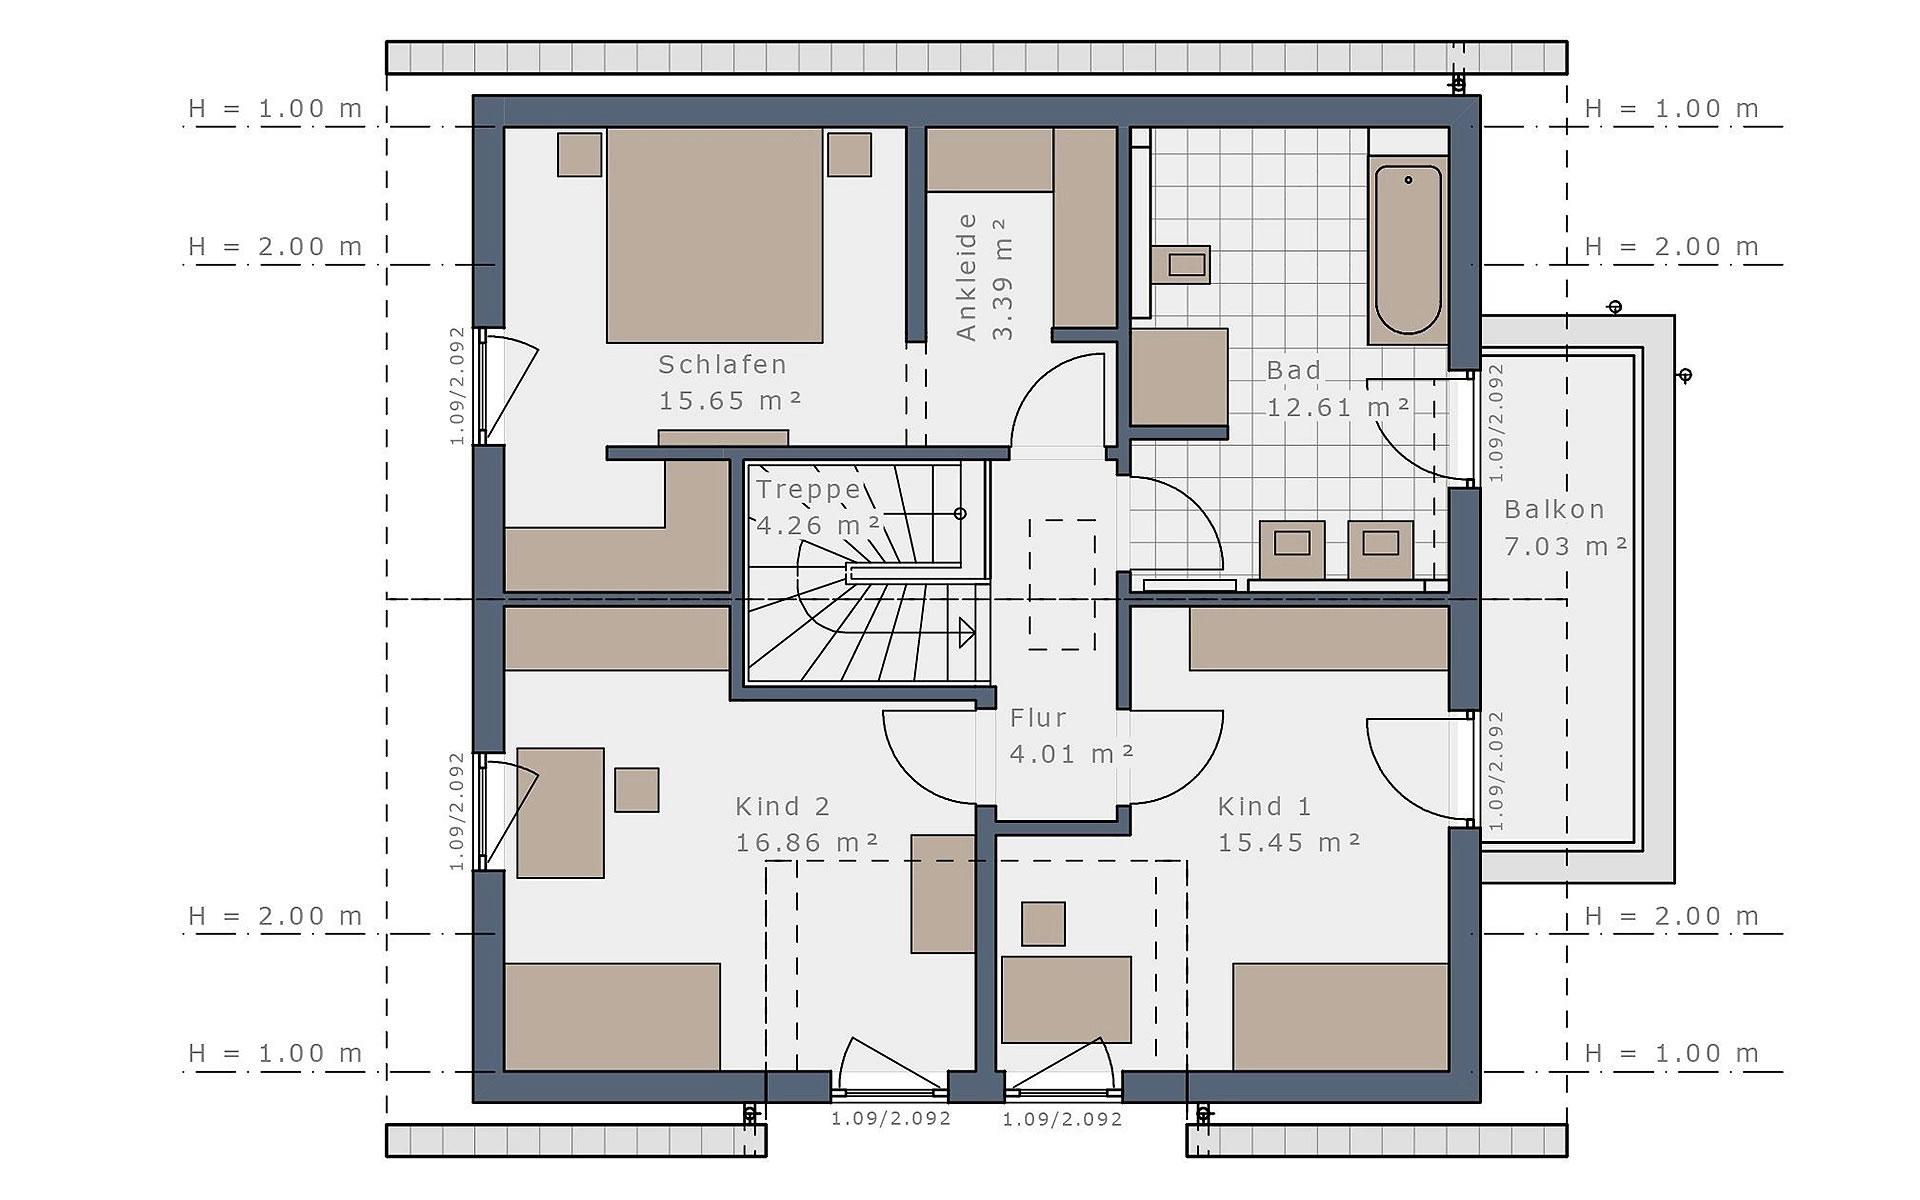 Dachgeschoss Solitaire-E-145 E2 von Schwabenhaus GmbH & Co. KG